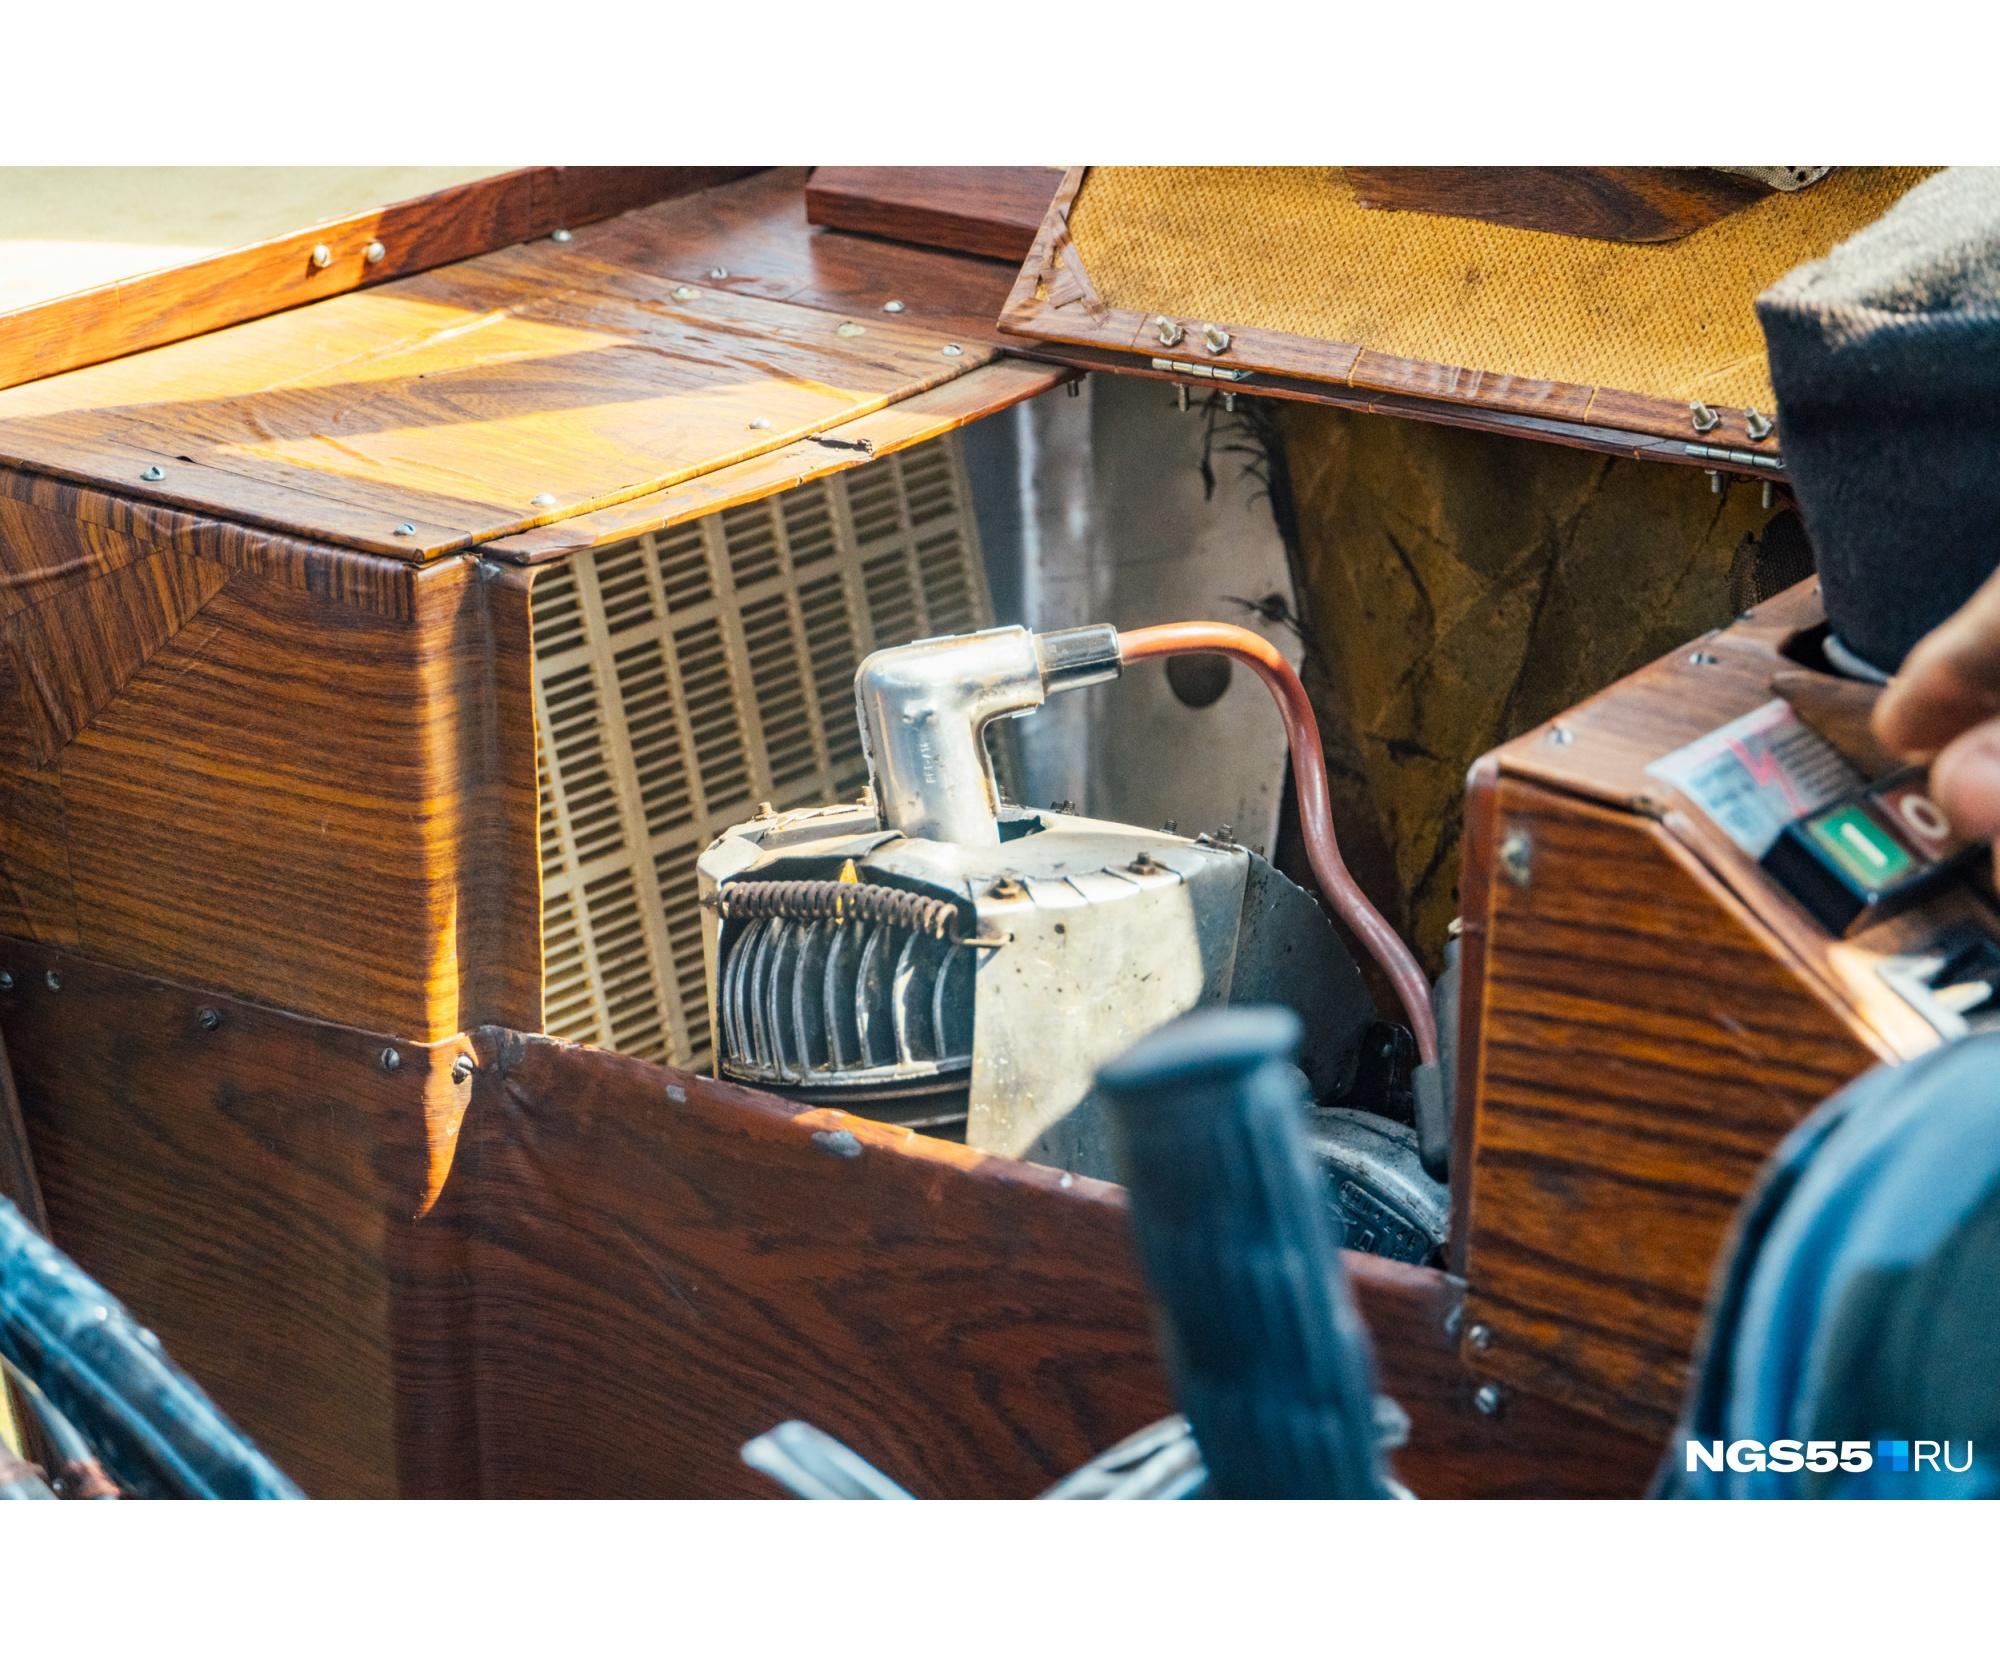 Двухтактный одноцилиндровый моторчик рабочим объёмом с рюмку и мощностью в целую «лошадь» до сих пор в строю